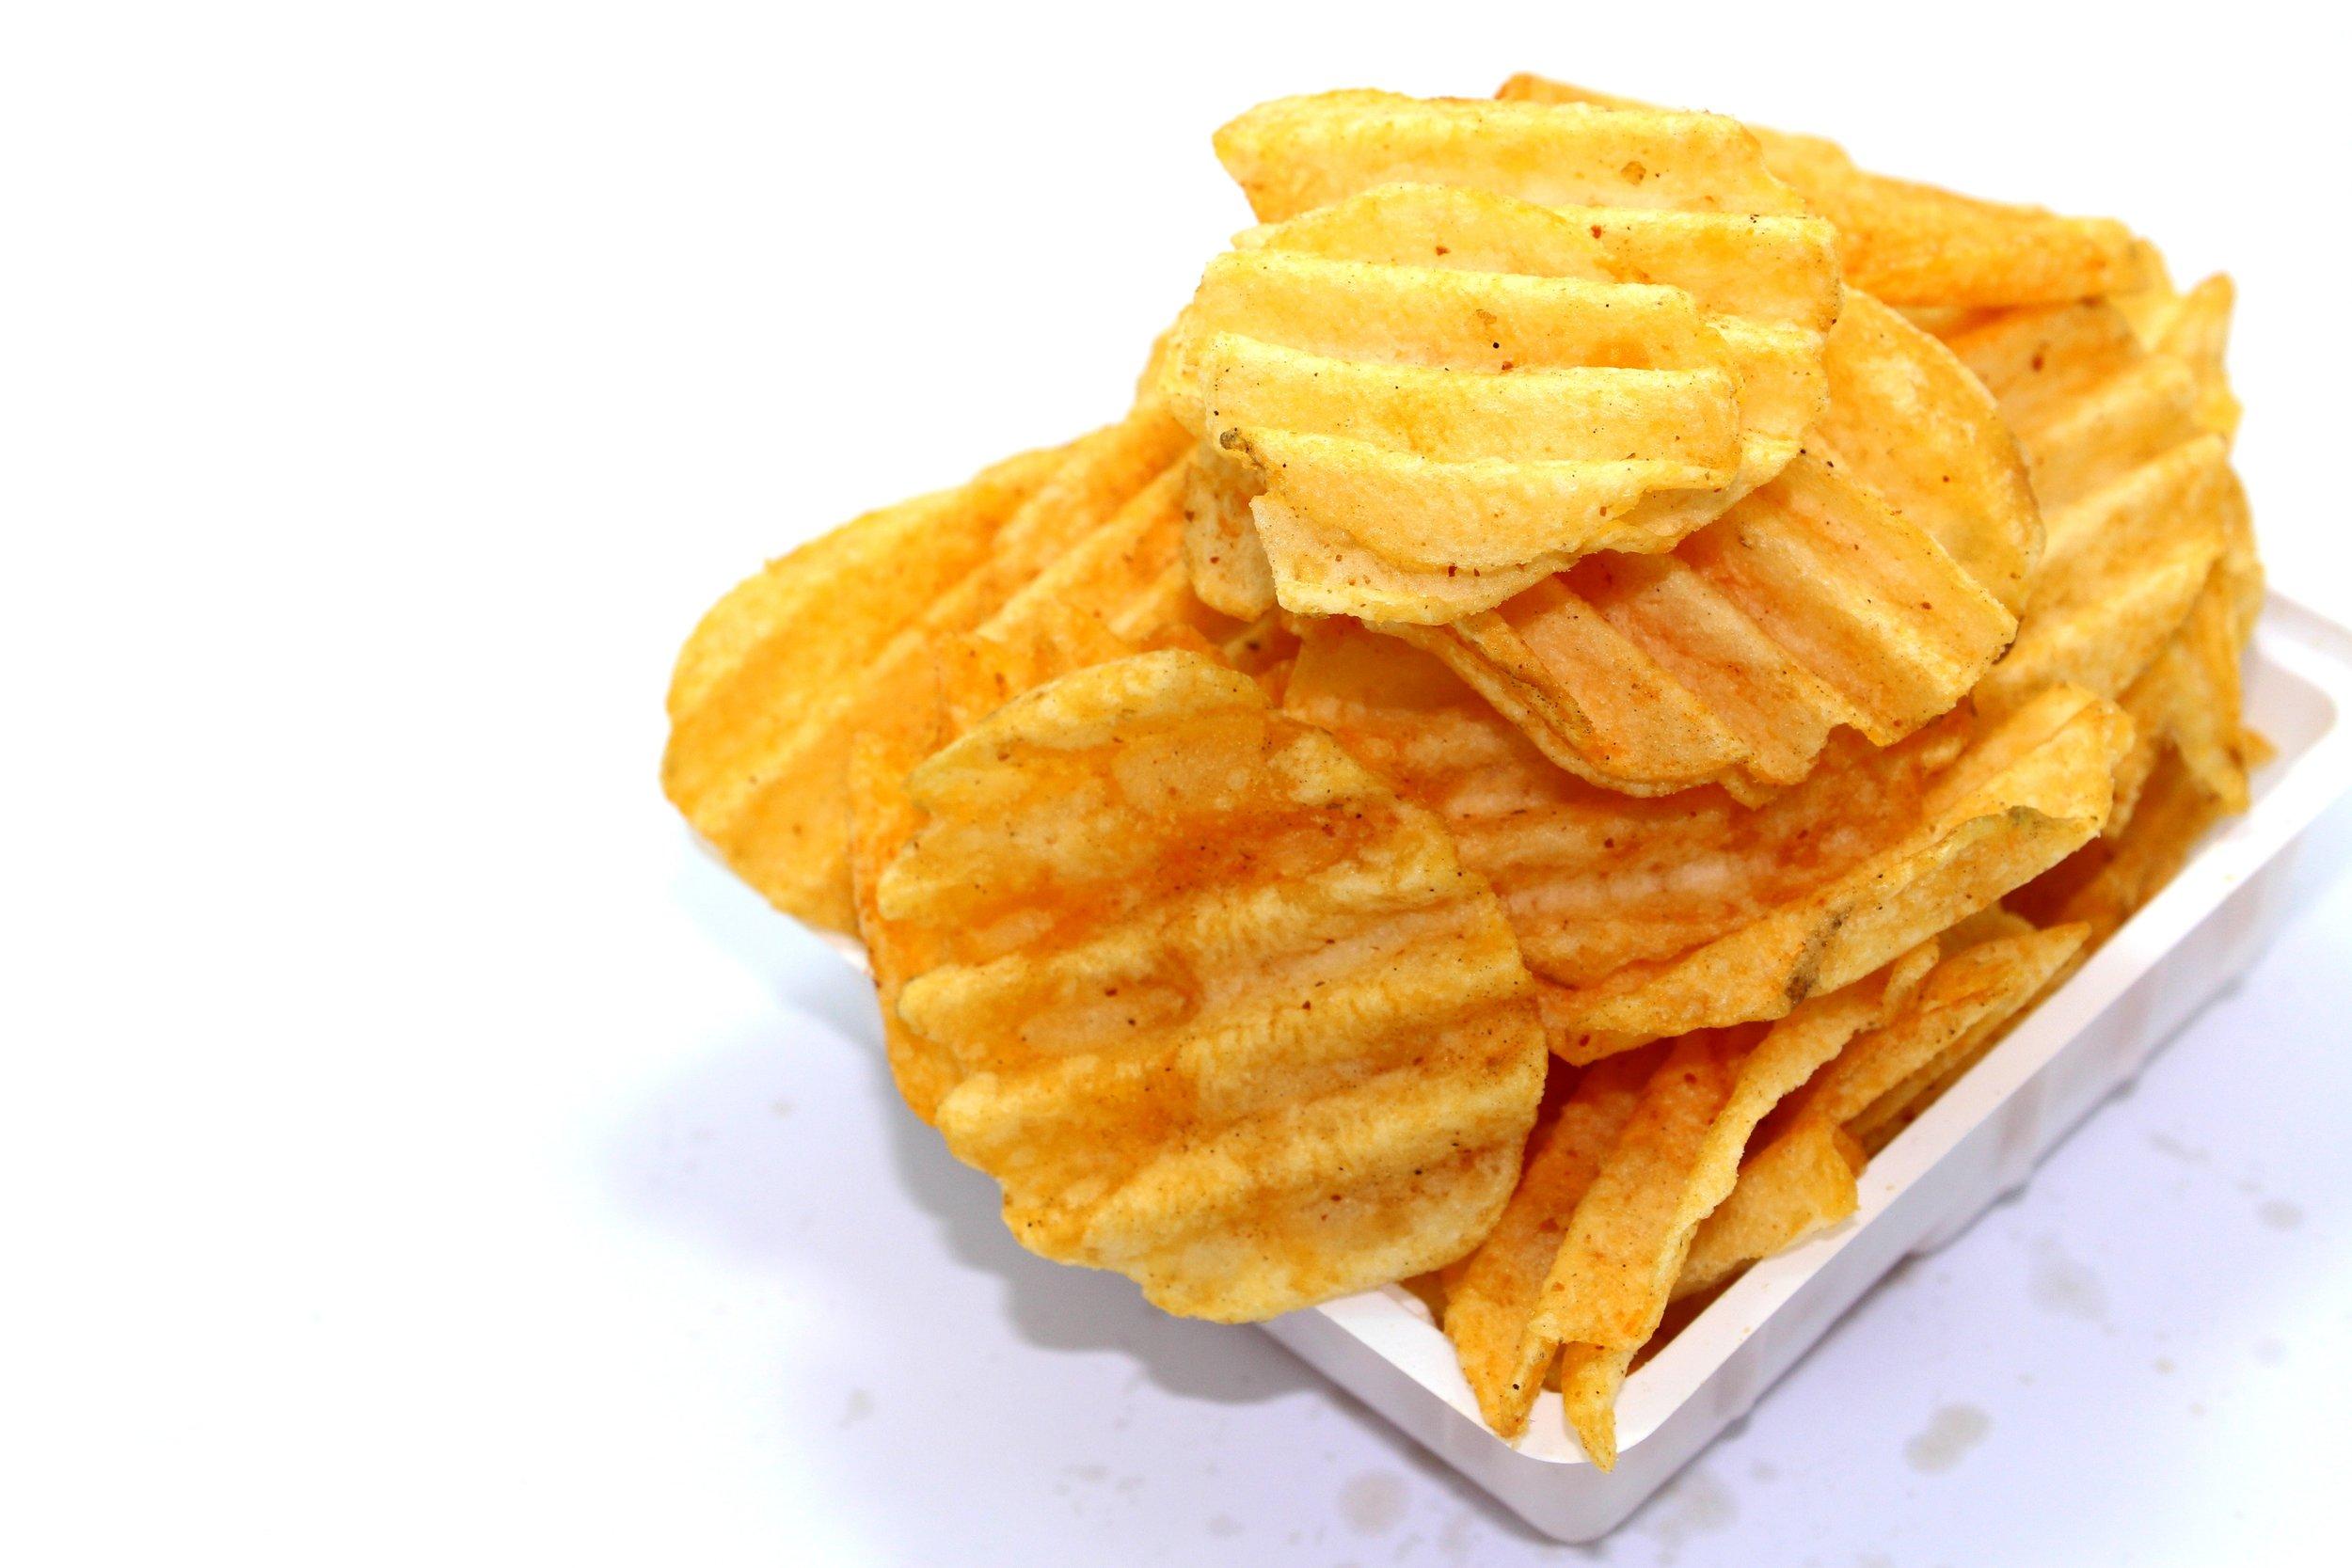 chips-crisp-crispy-479621.jpg